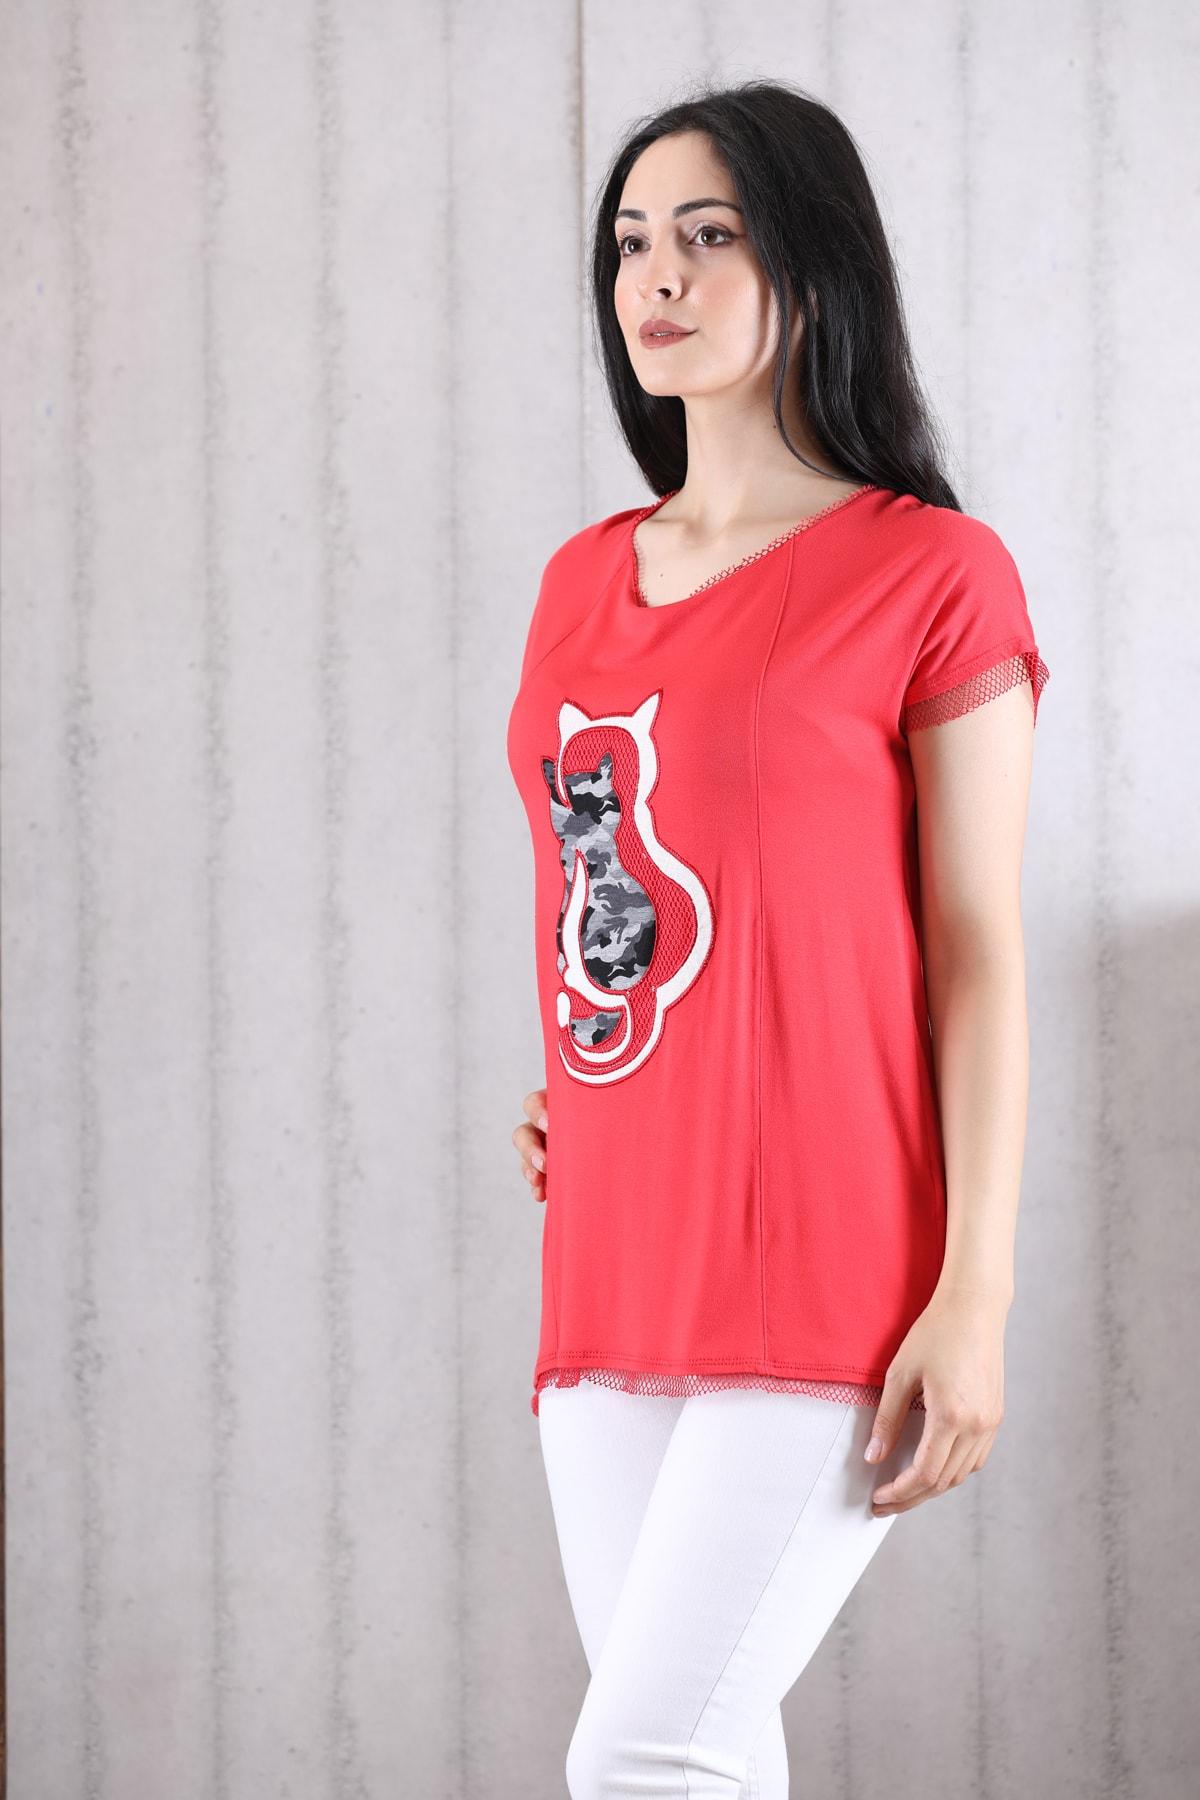 Orkide Kadın Mercan Iç Içe Kedi Baskılı Bisiklet Yaka Kolsuz T-Shirt 2